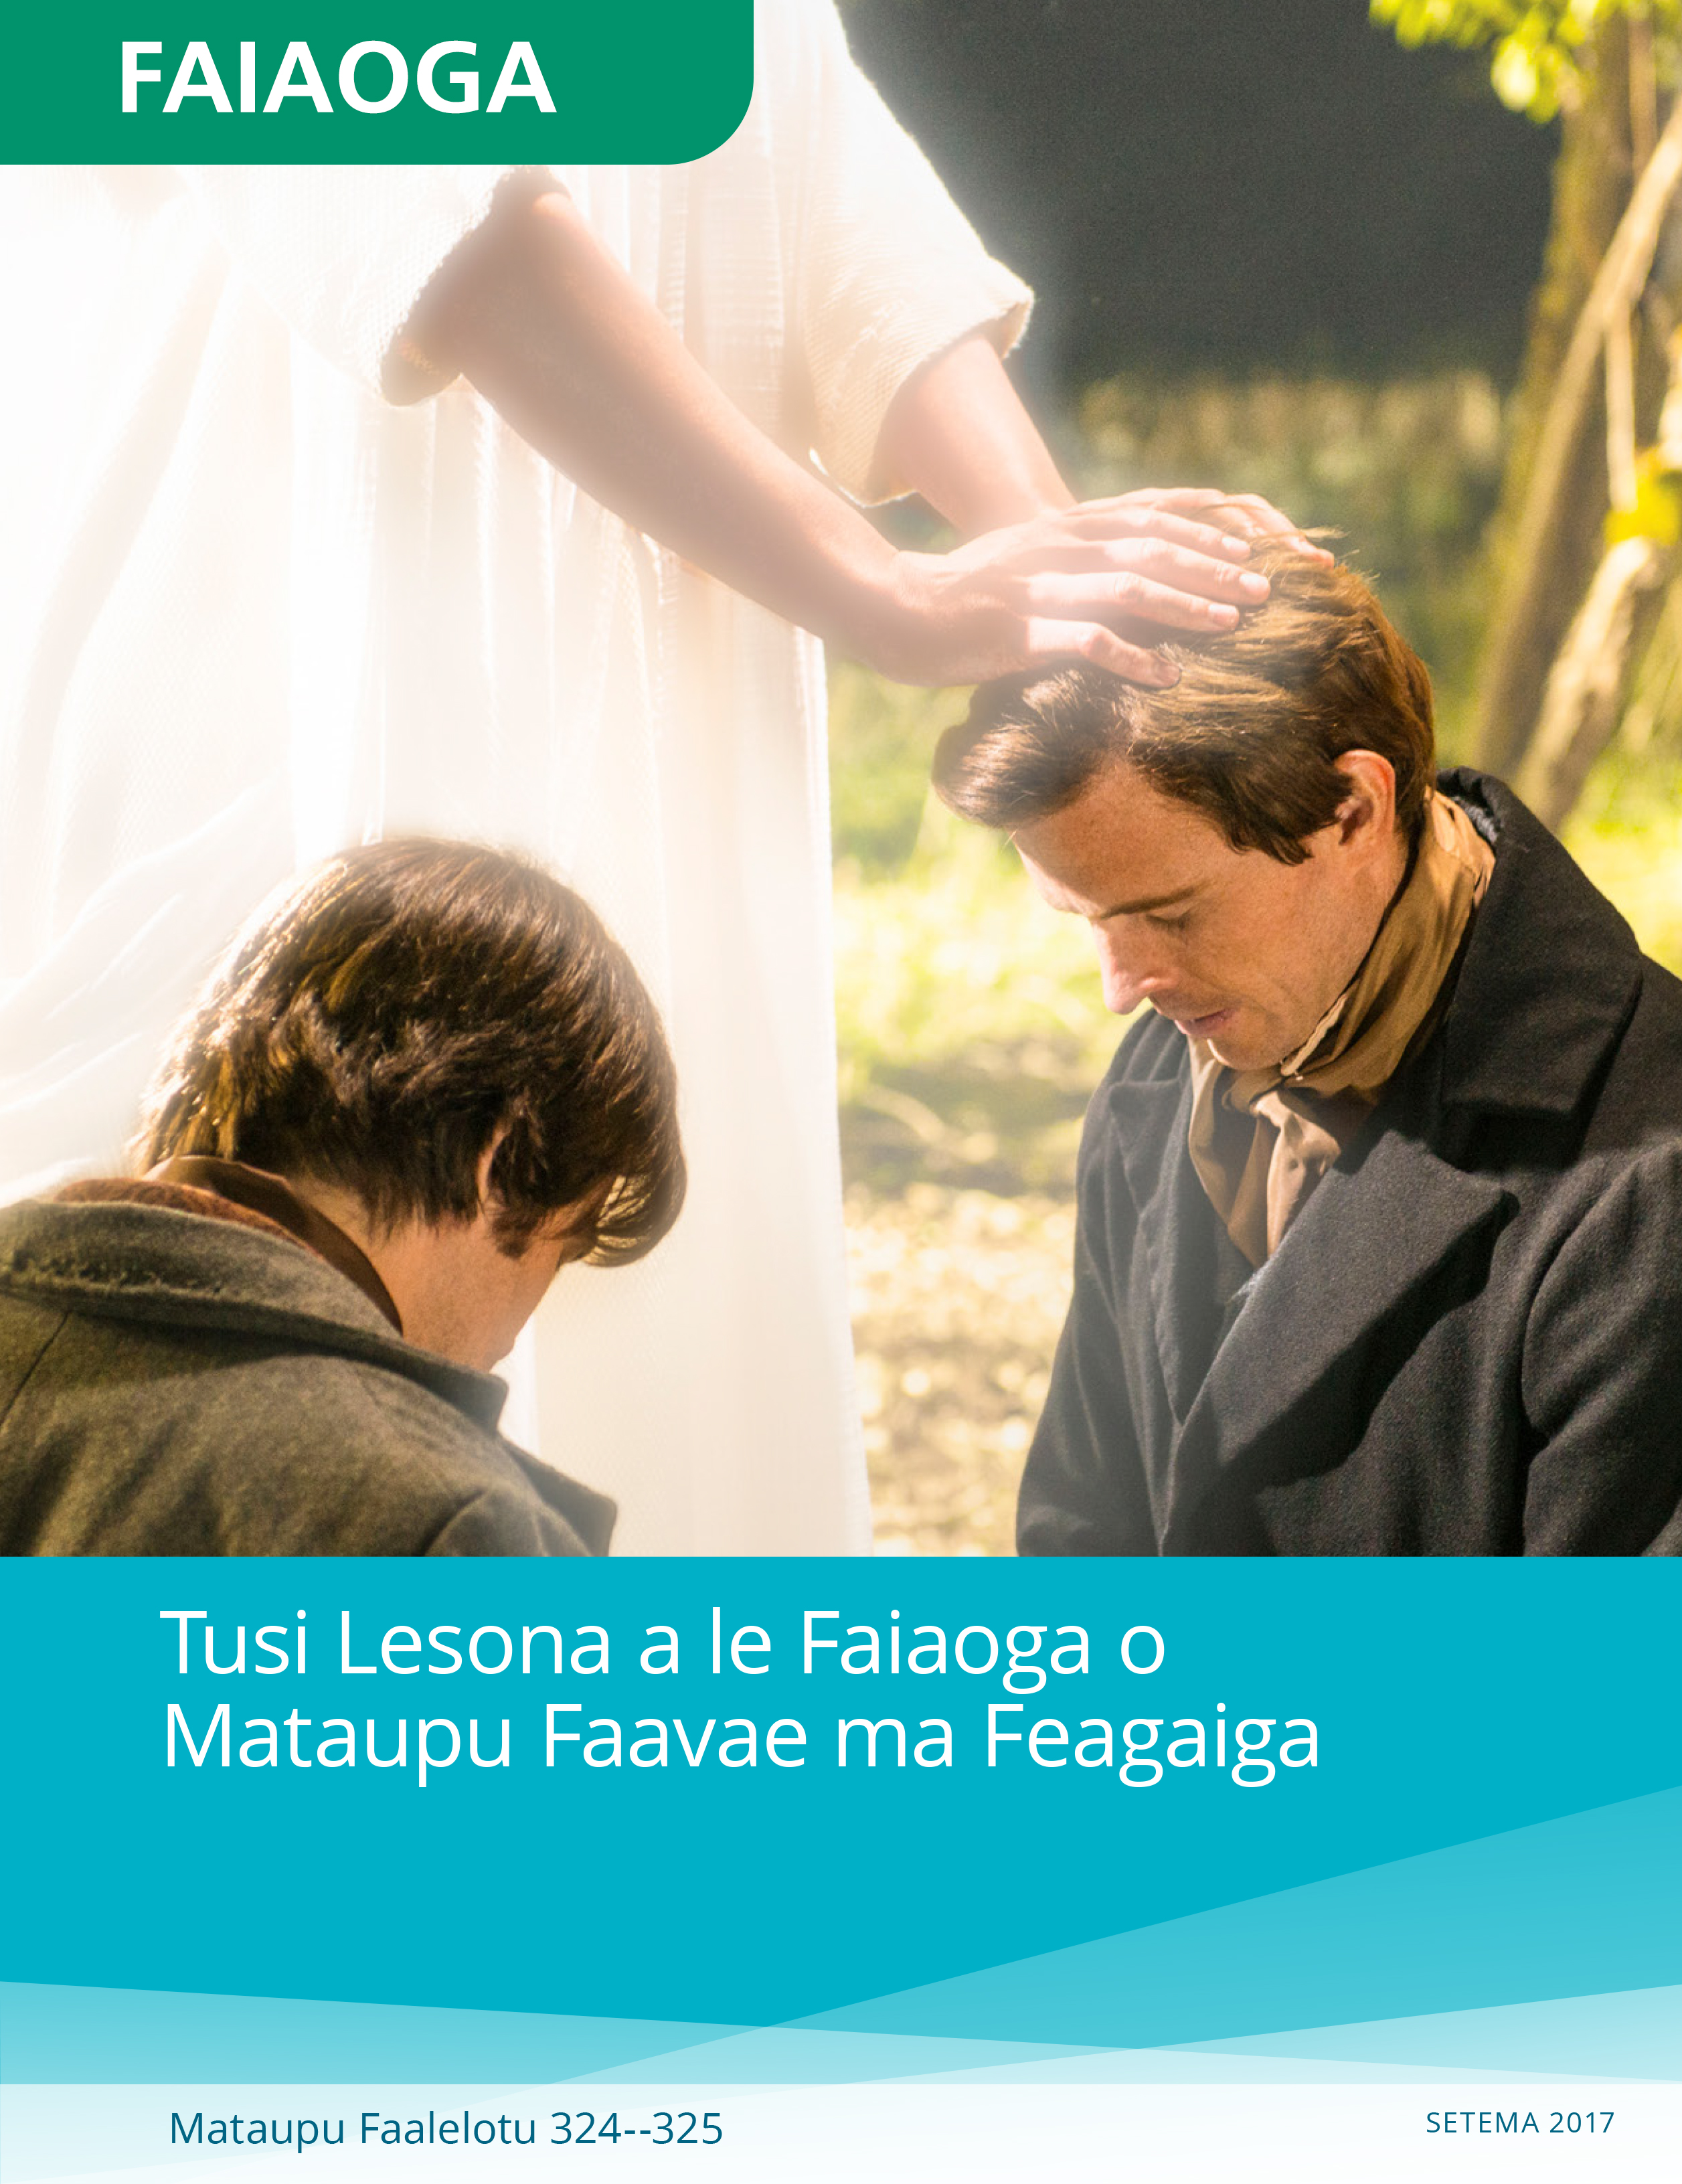 Tusi Lesona a le Faiaoga o le Mataupu Faavae ma Feagaiga